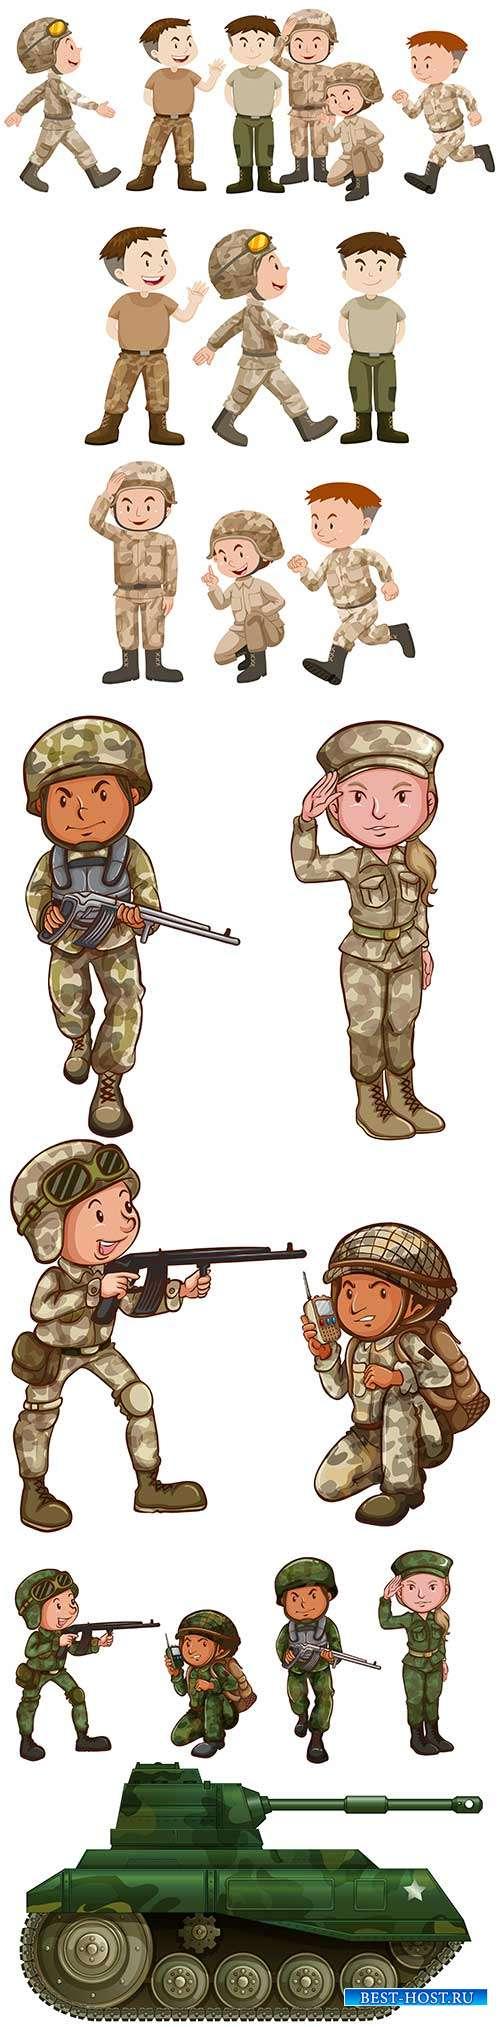 Рисованные люди в военной форме - Векторный клипарт